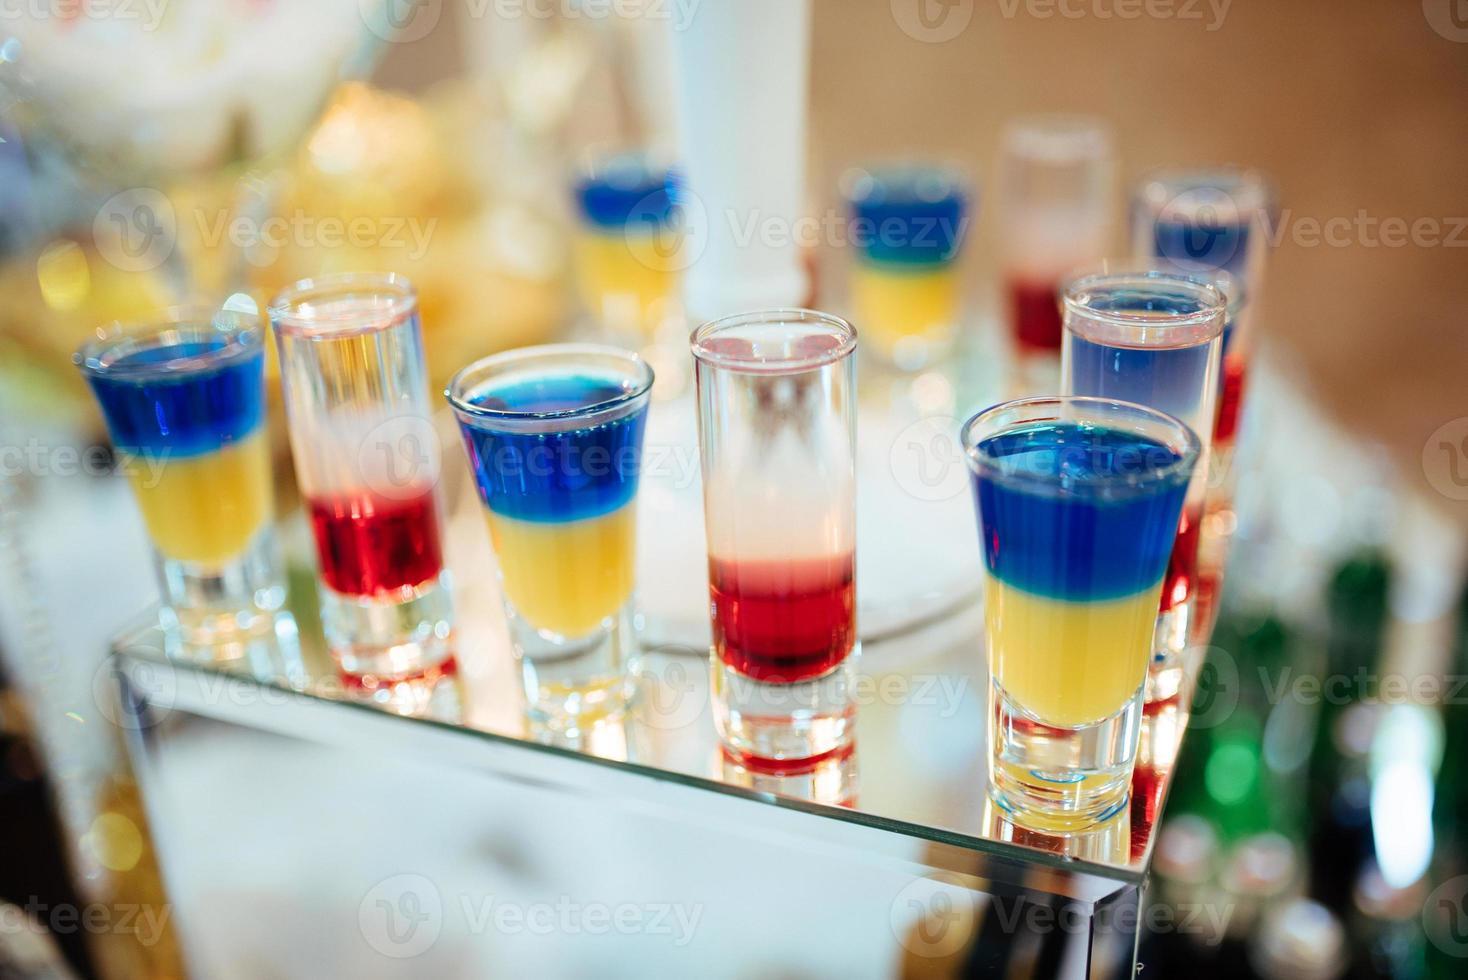 belle gamme de cocktails de couleurs différentes photo